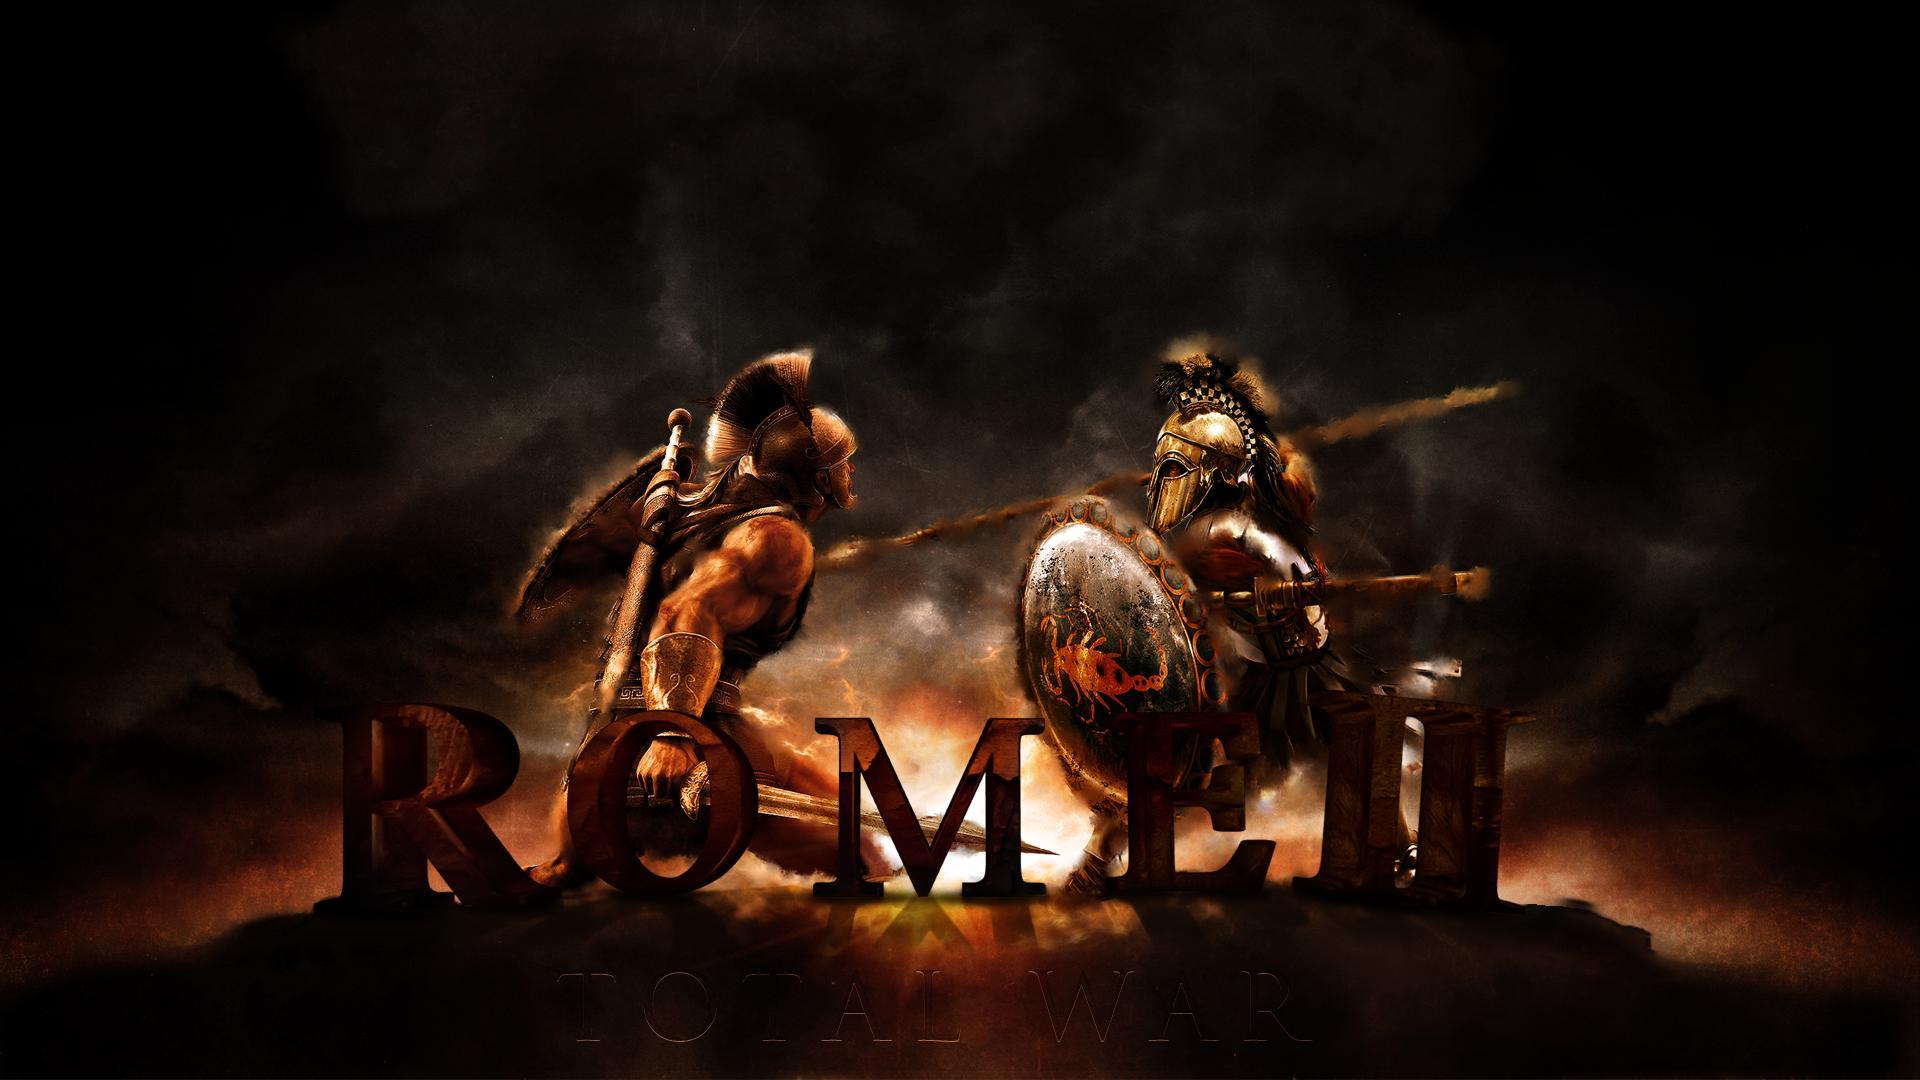 Total War Rome 2 Widescreen Wallpaper Wallpaper 1920x1080